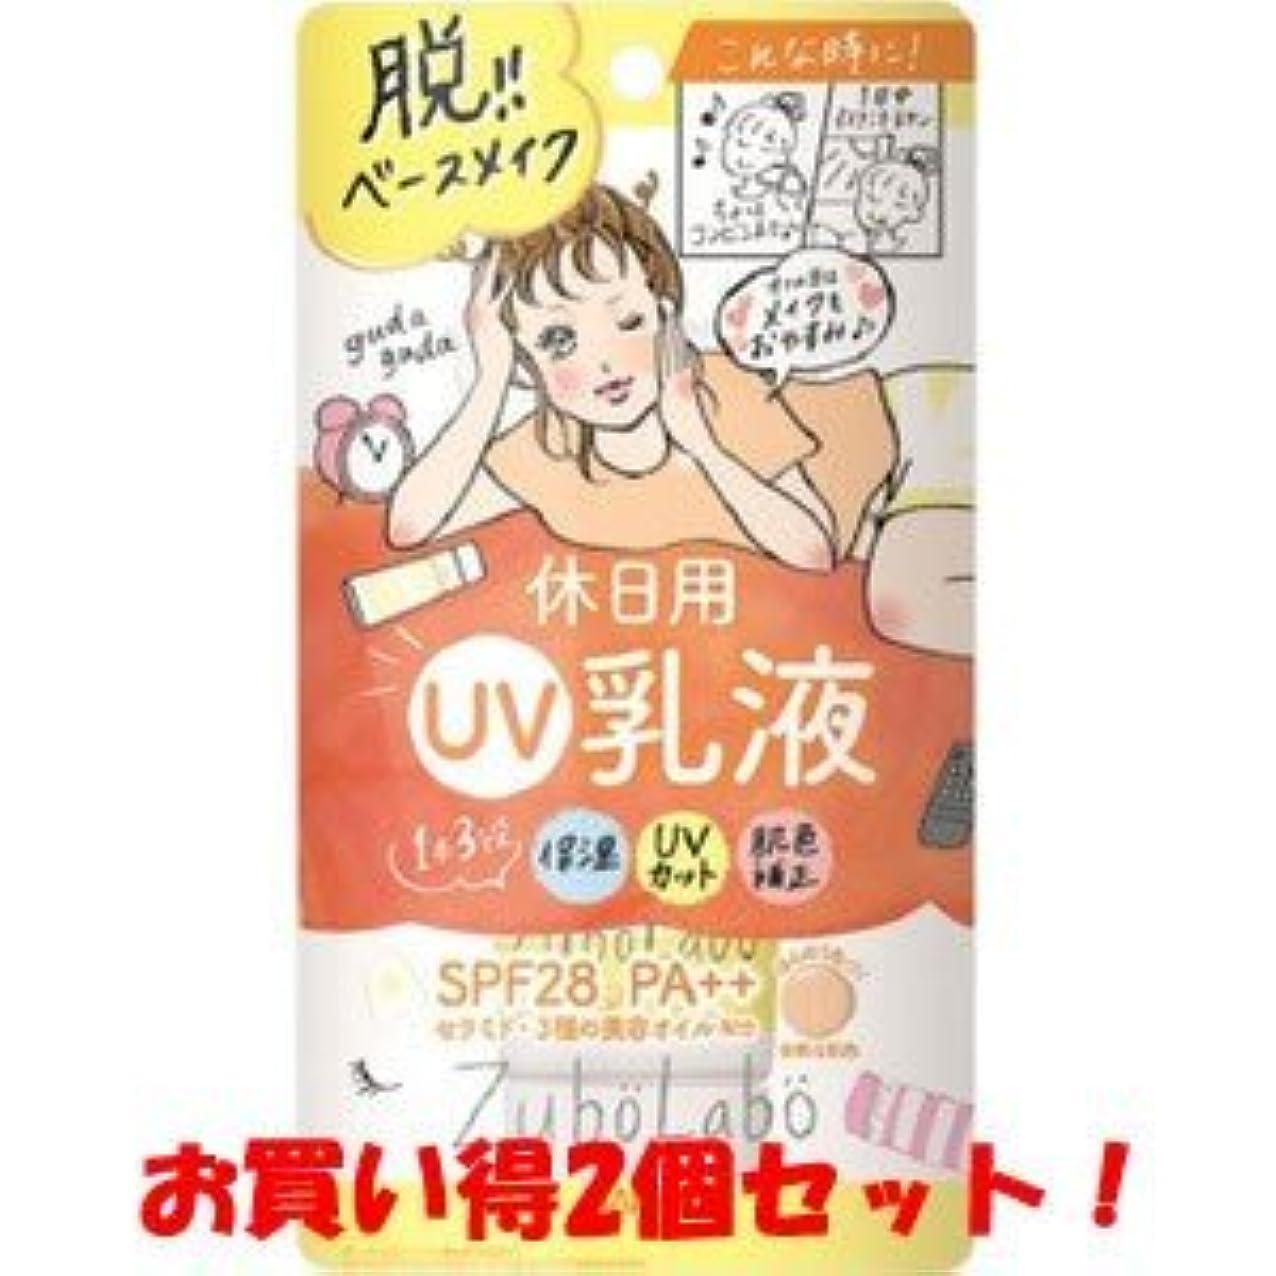 略す謙虚なバランスサナ(SANA)ズボラボ 休日用乳液 UV 60g/新商品/(お買い得2個セット)